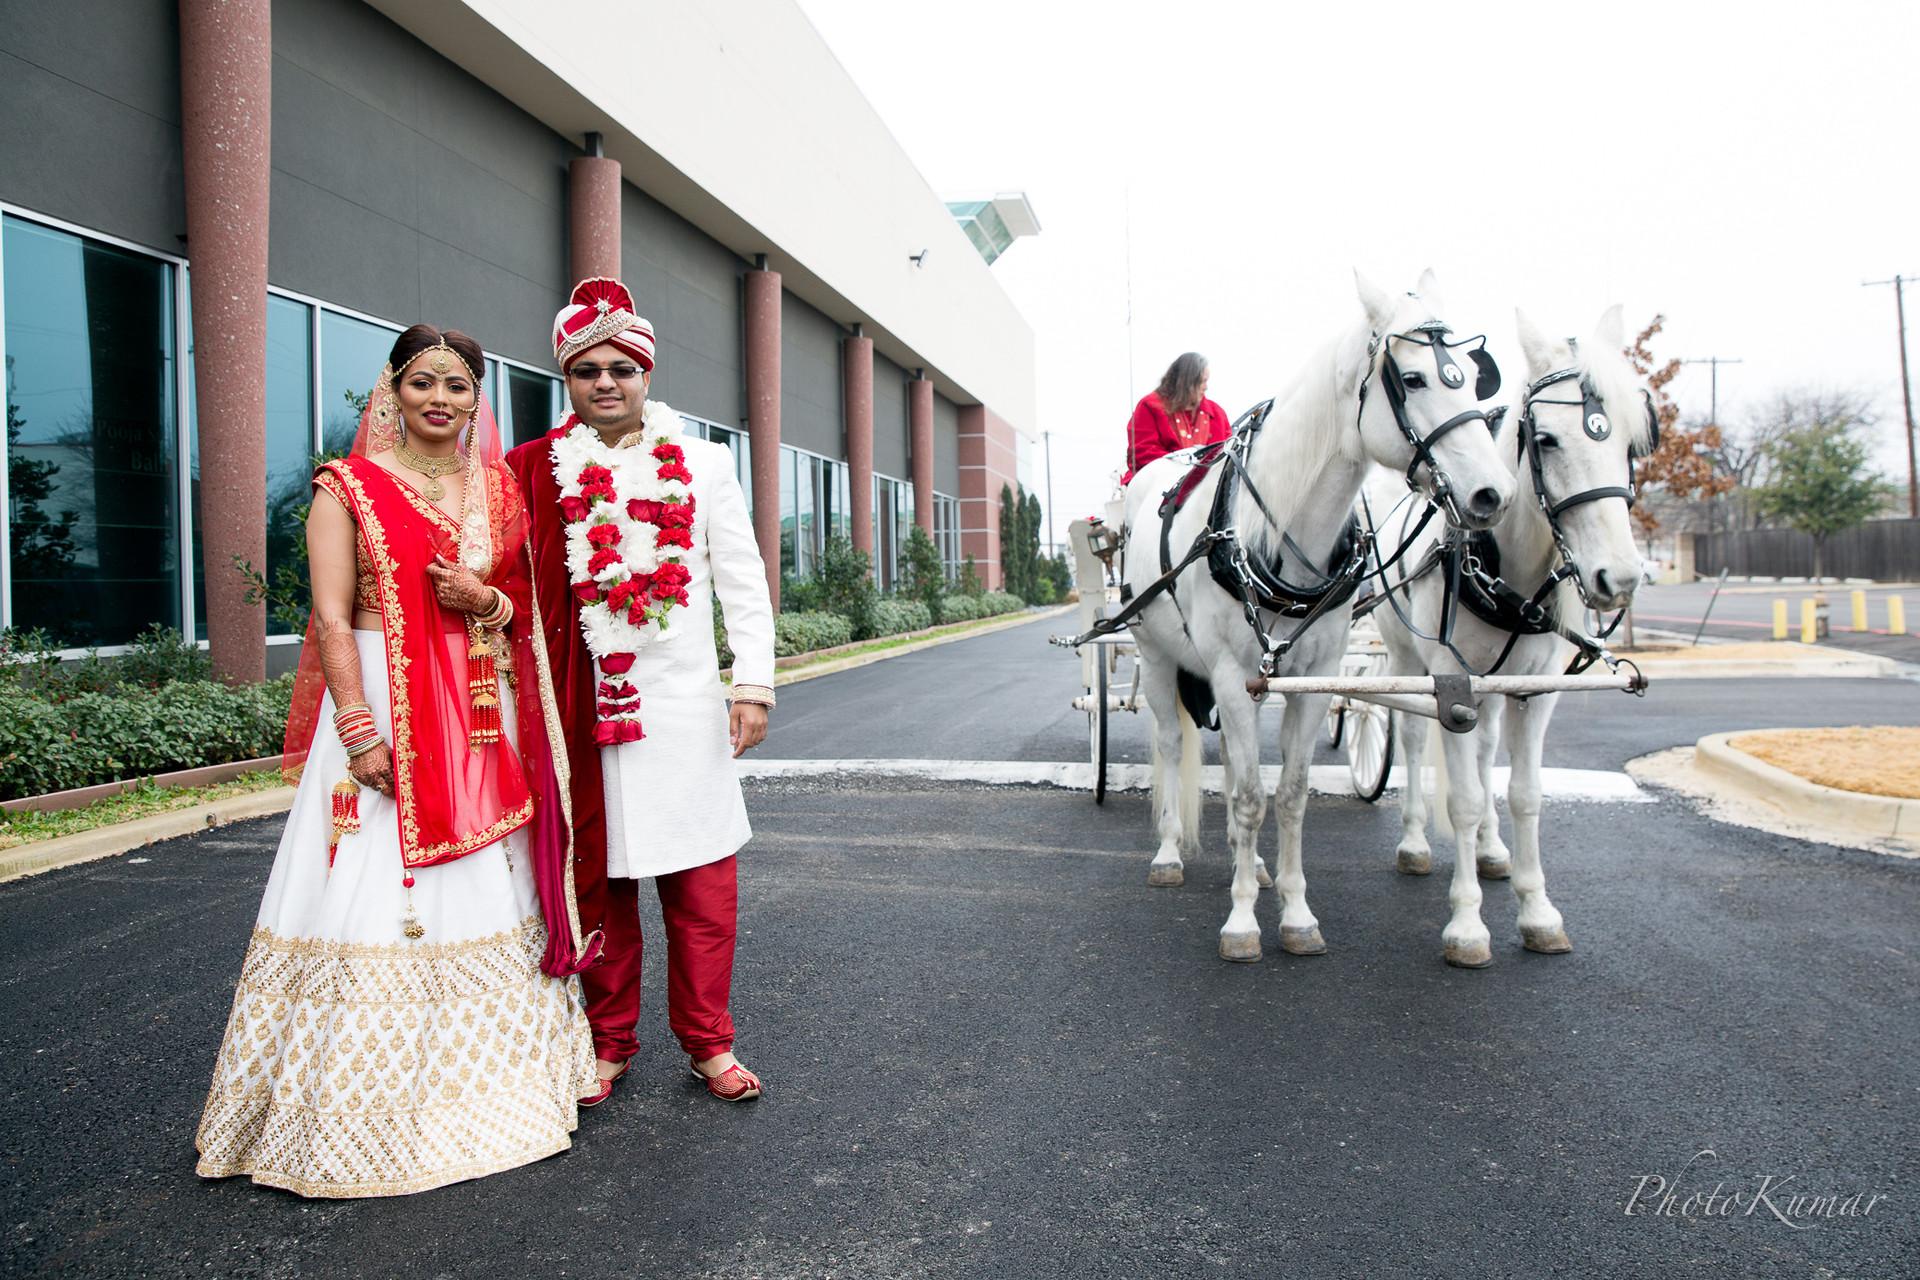 PhotoKumar-Nilam-wedding-dallas-texas-2018-14.jpg